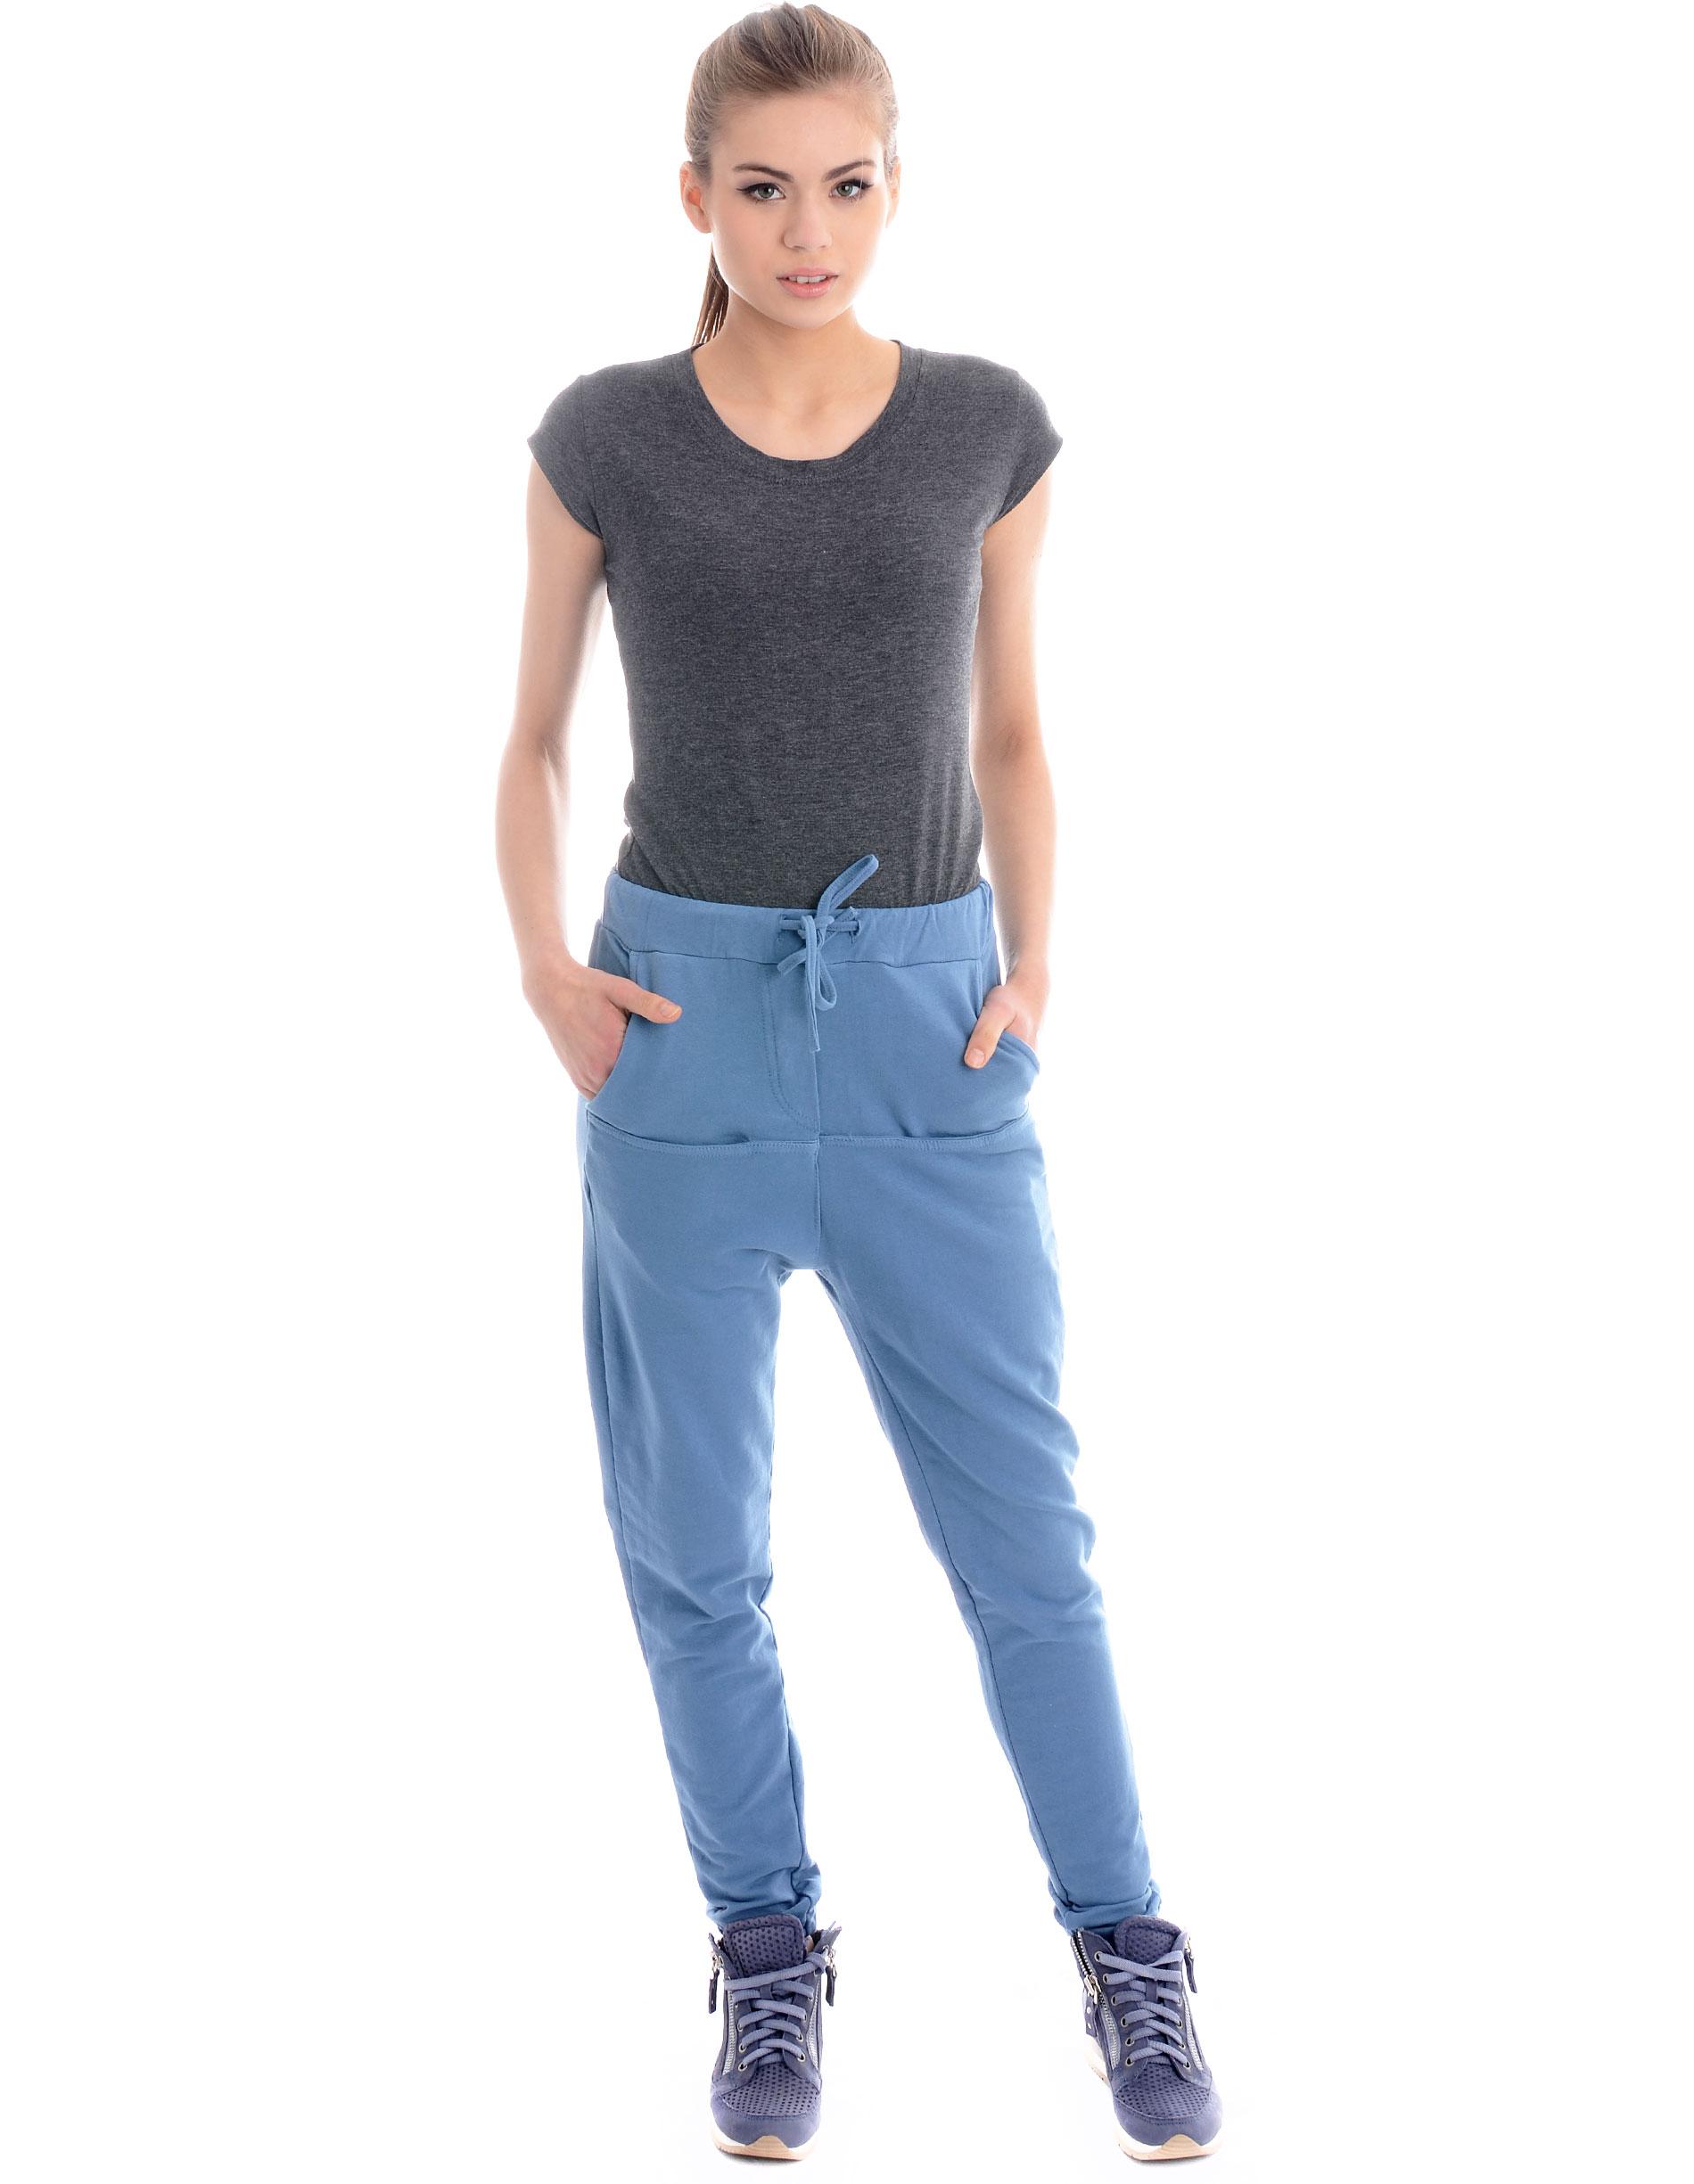 Spodnie - 80-1908 JEANS - Unisono